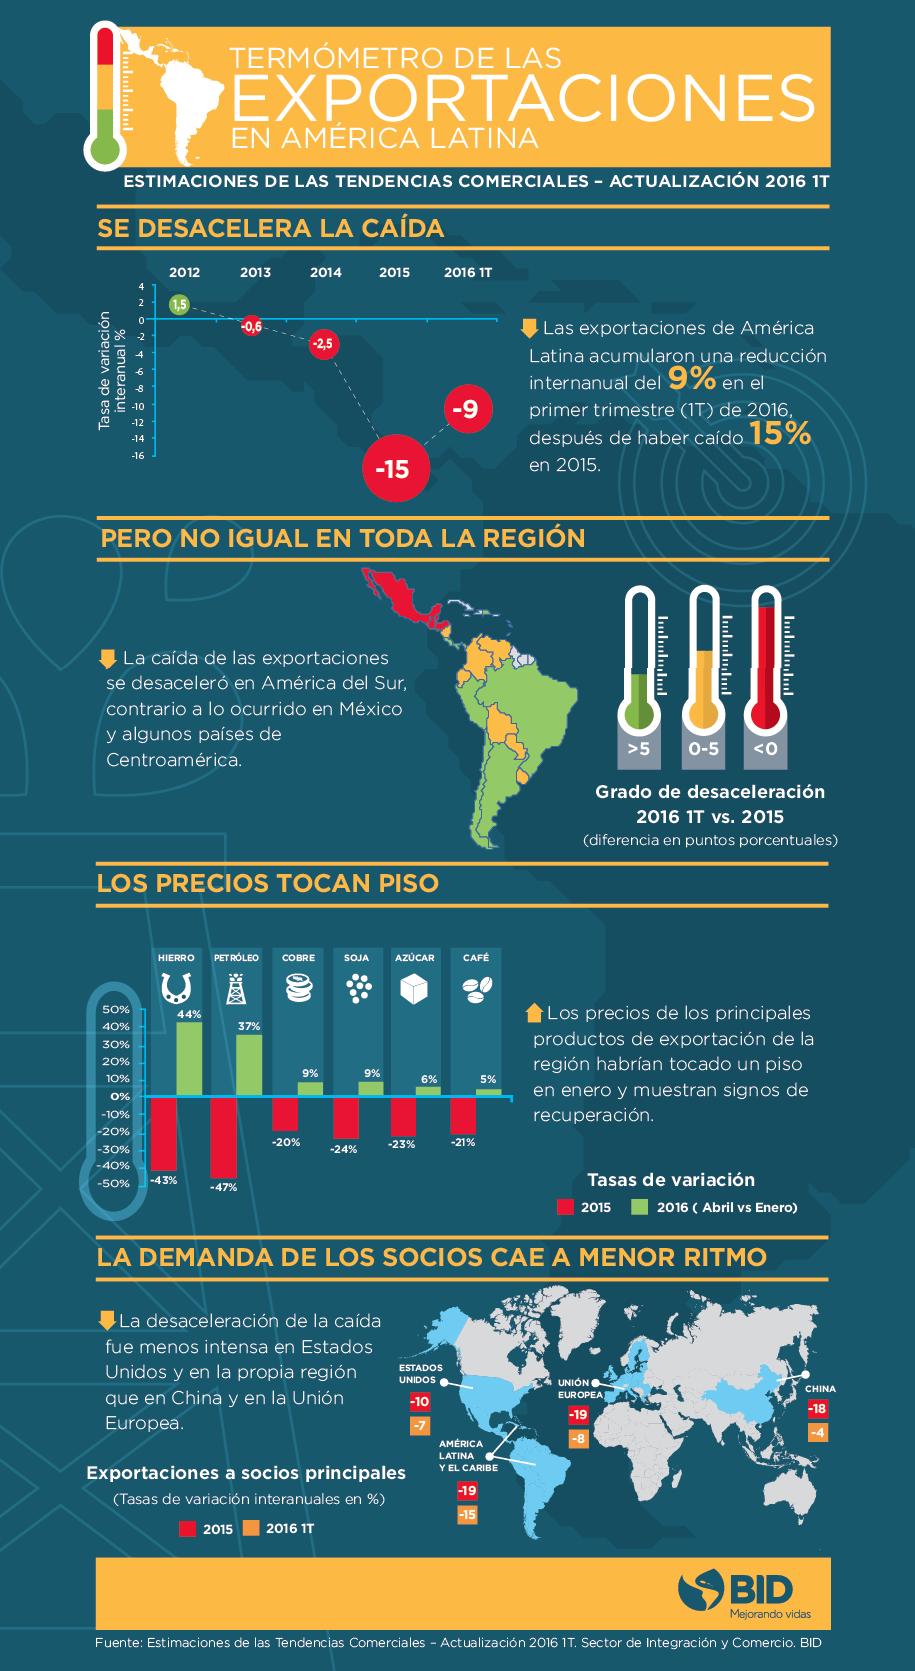 INFOGRAFICO Estimaciones de las exportaciones español